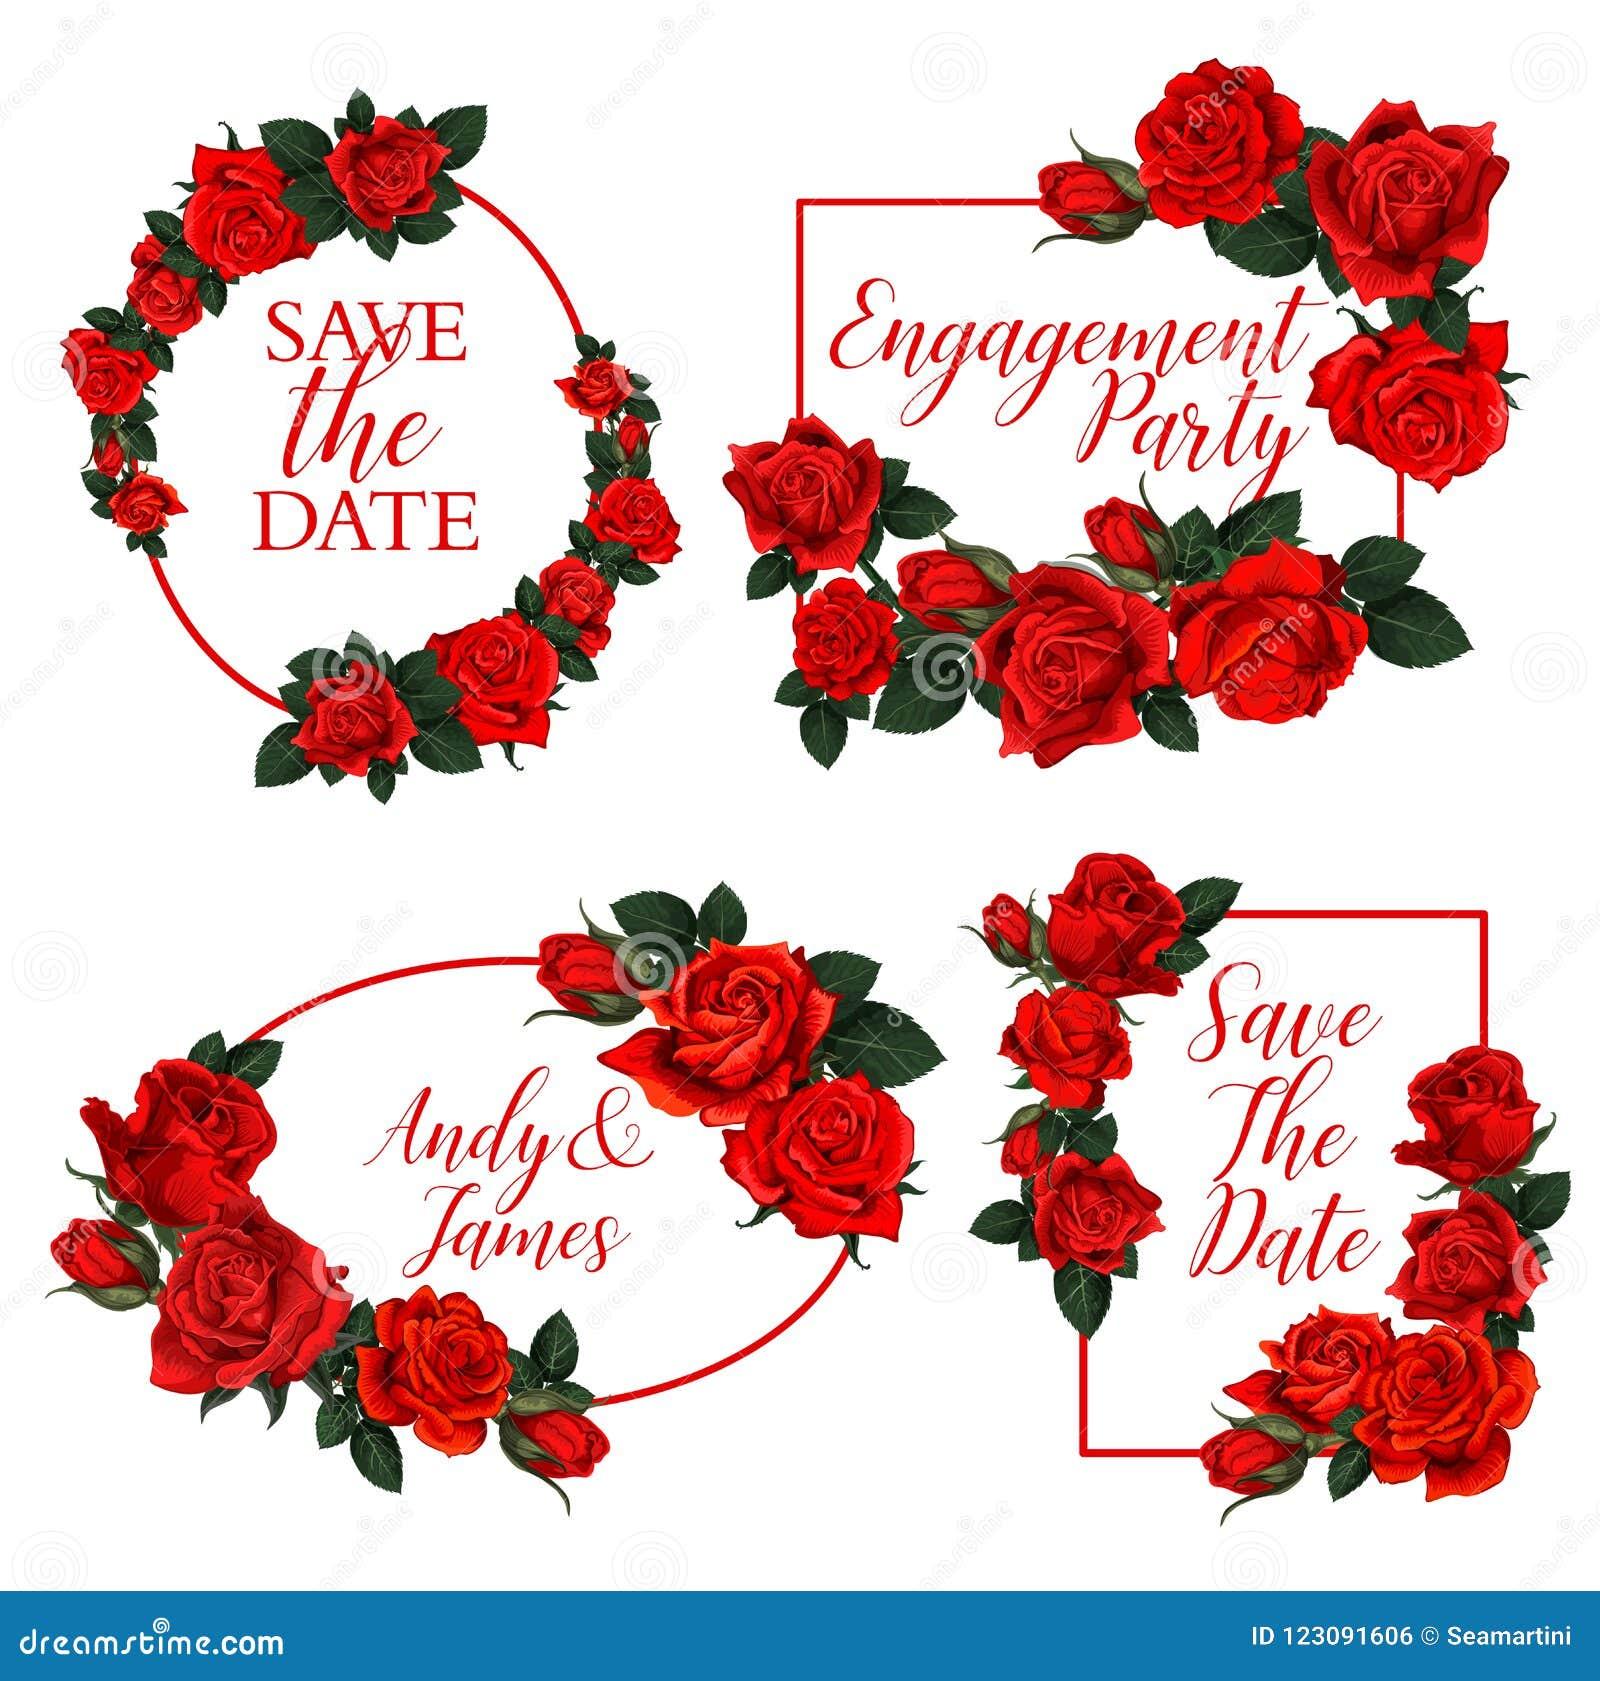 Red Rose Flower Frame Of Wedding Invitation Design Stock Vector ...